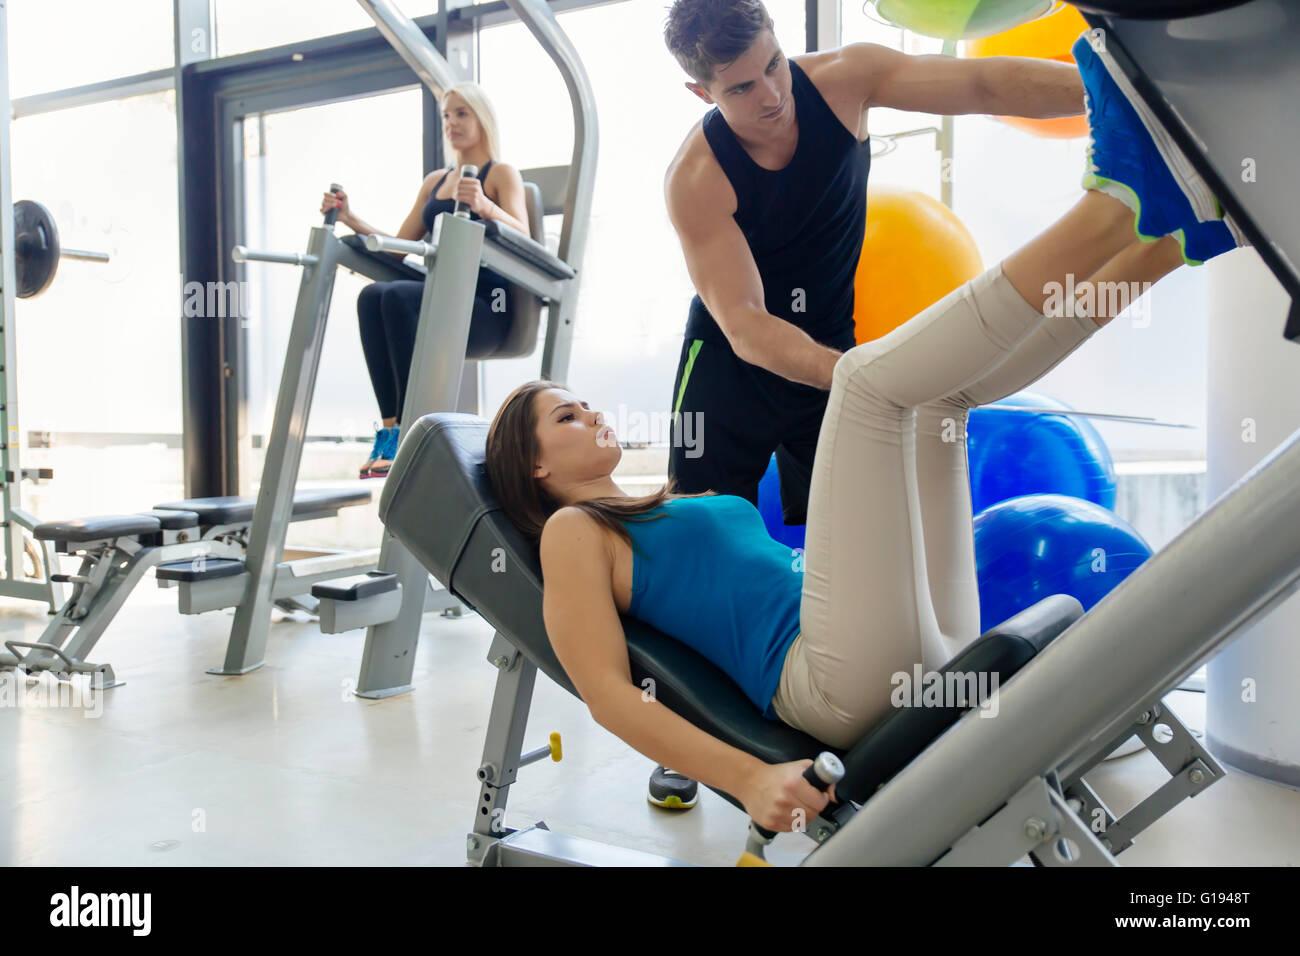 Bella mujer haciendo ejercicios para las piernas en el gimnasio con la ayuda de un entrenador personal Imagen De Stock